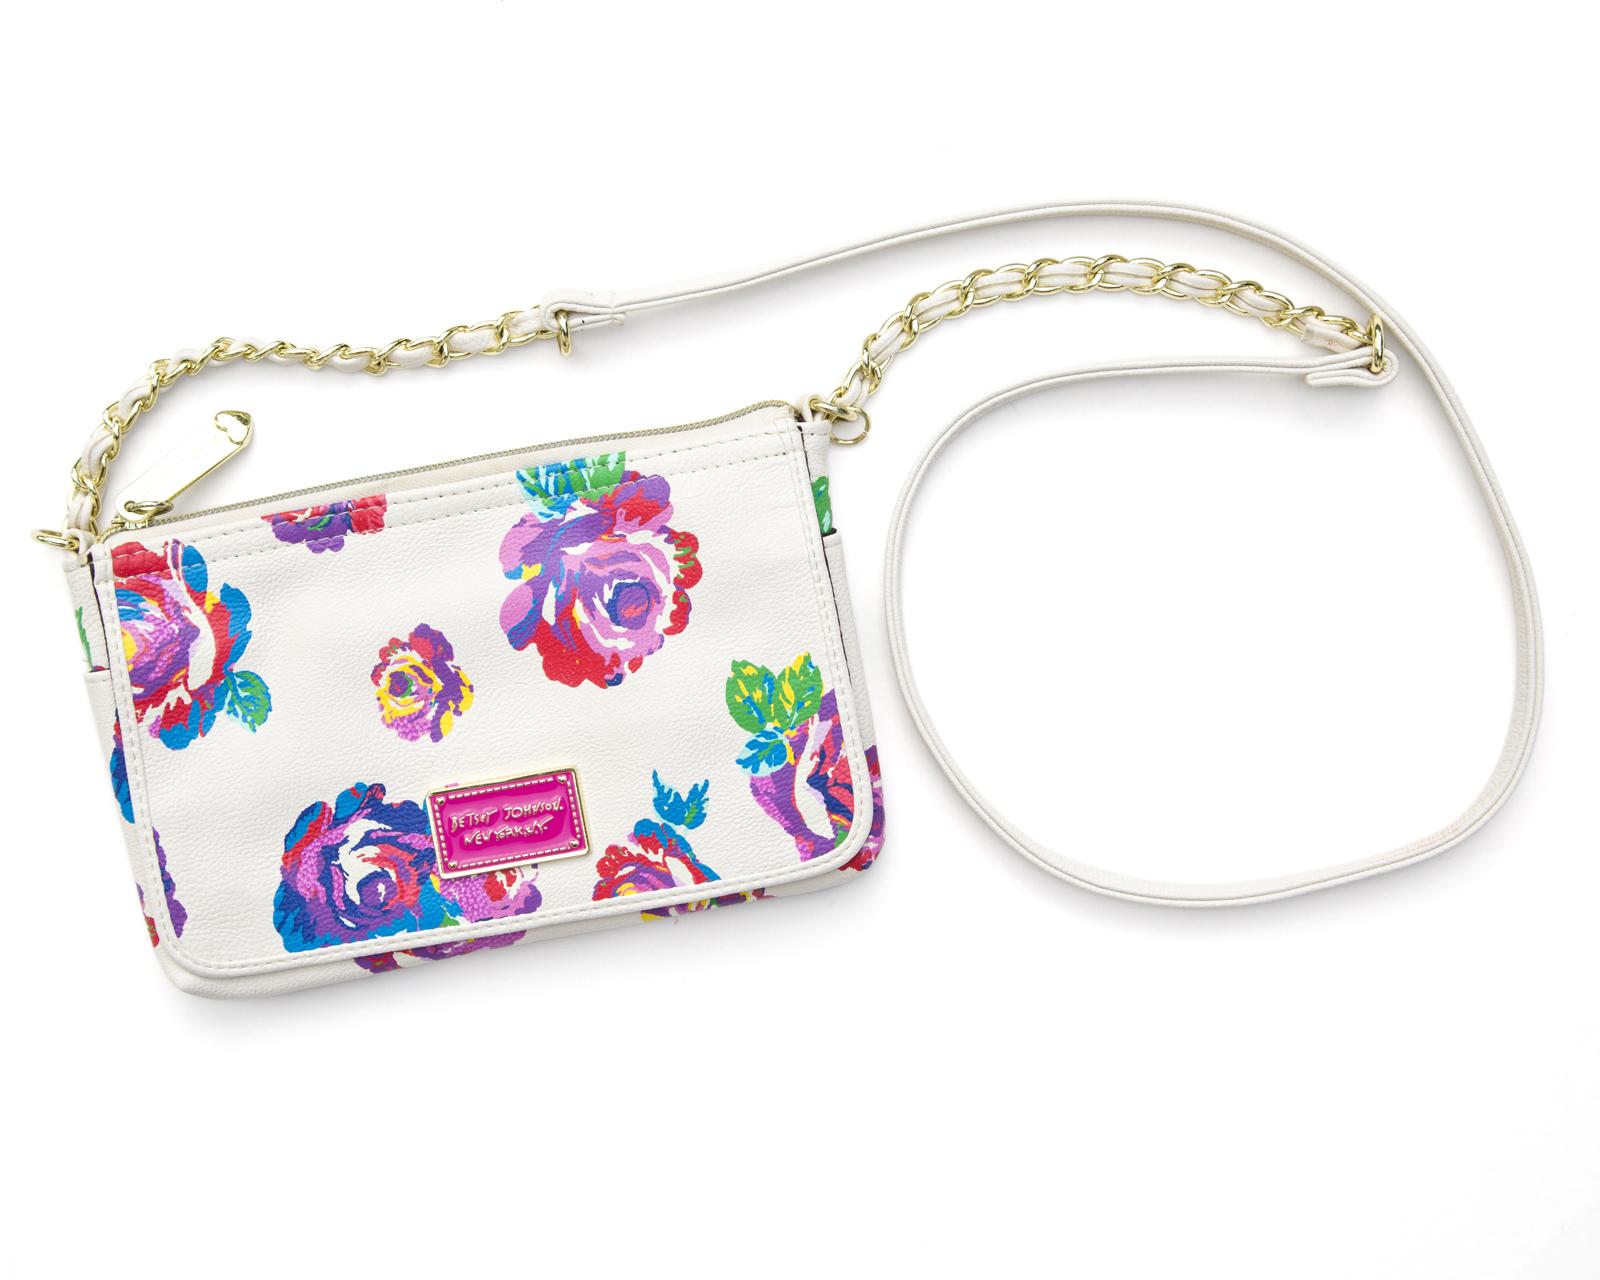 Betsy Johnson Floral Crossbody Bag